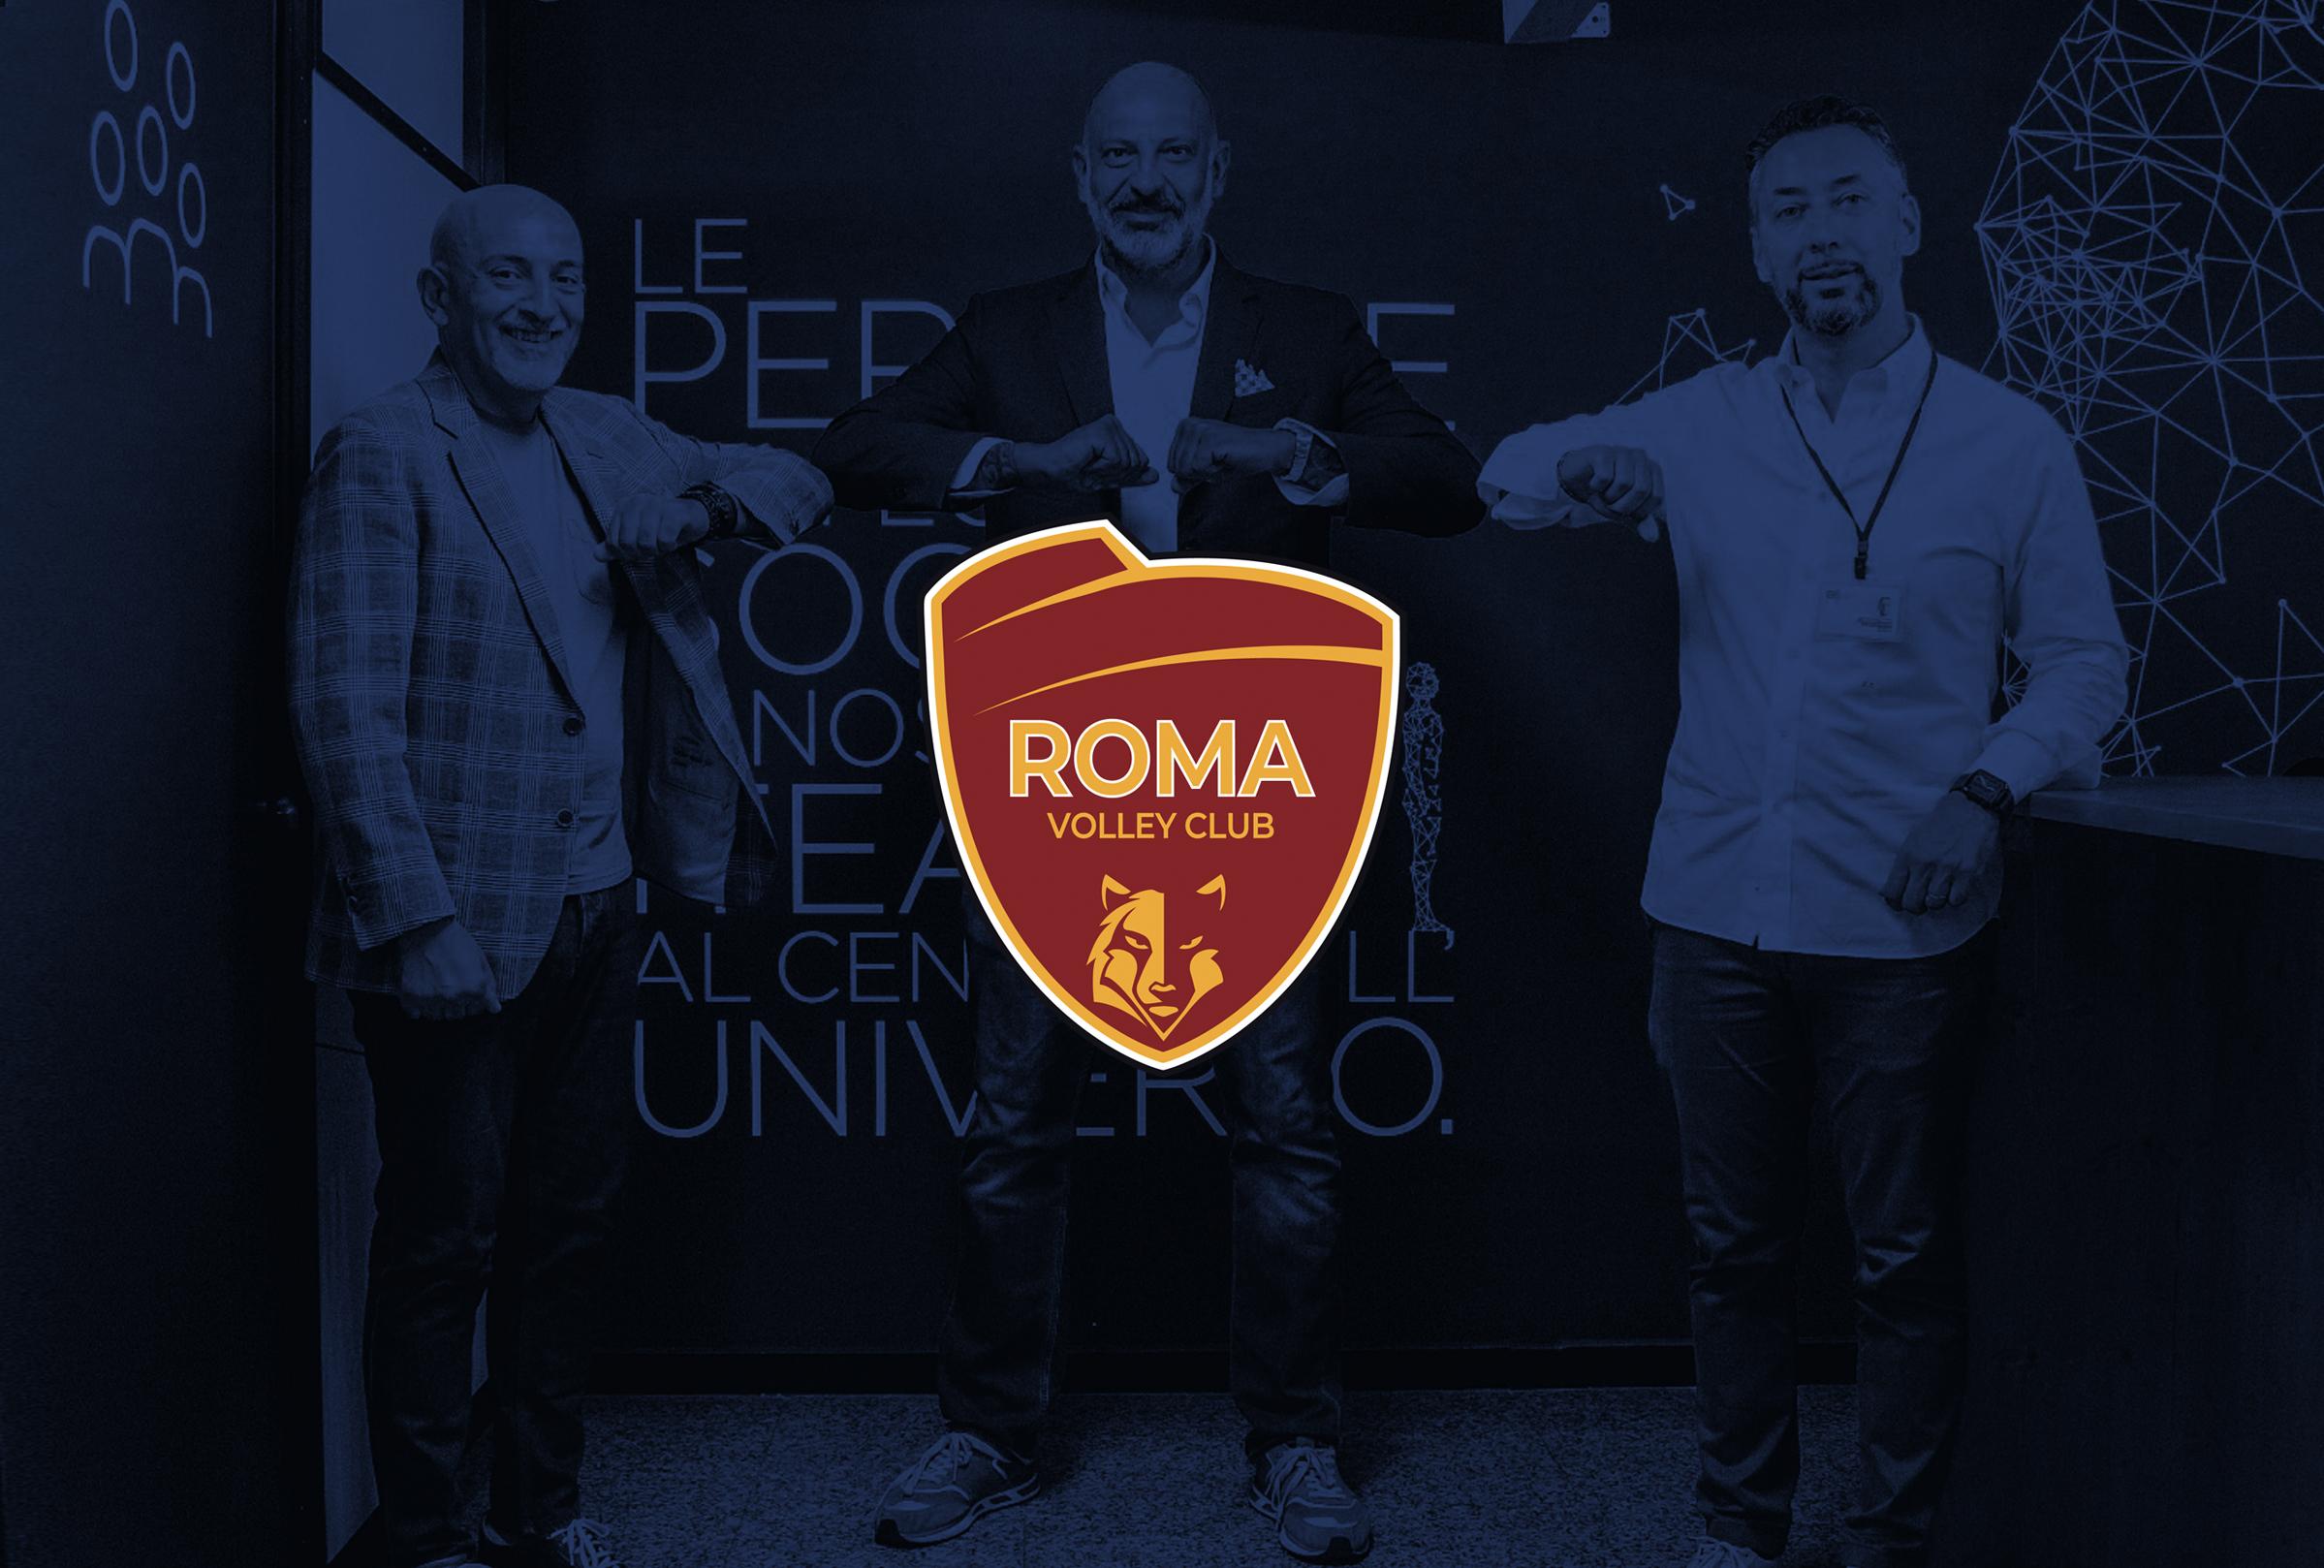 La Roma Volley e SMI Technologies and Consulting insieme per nuove sfide